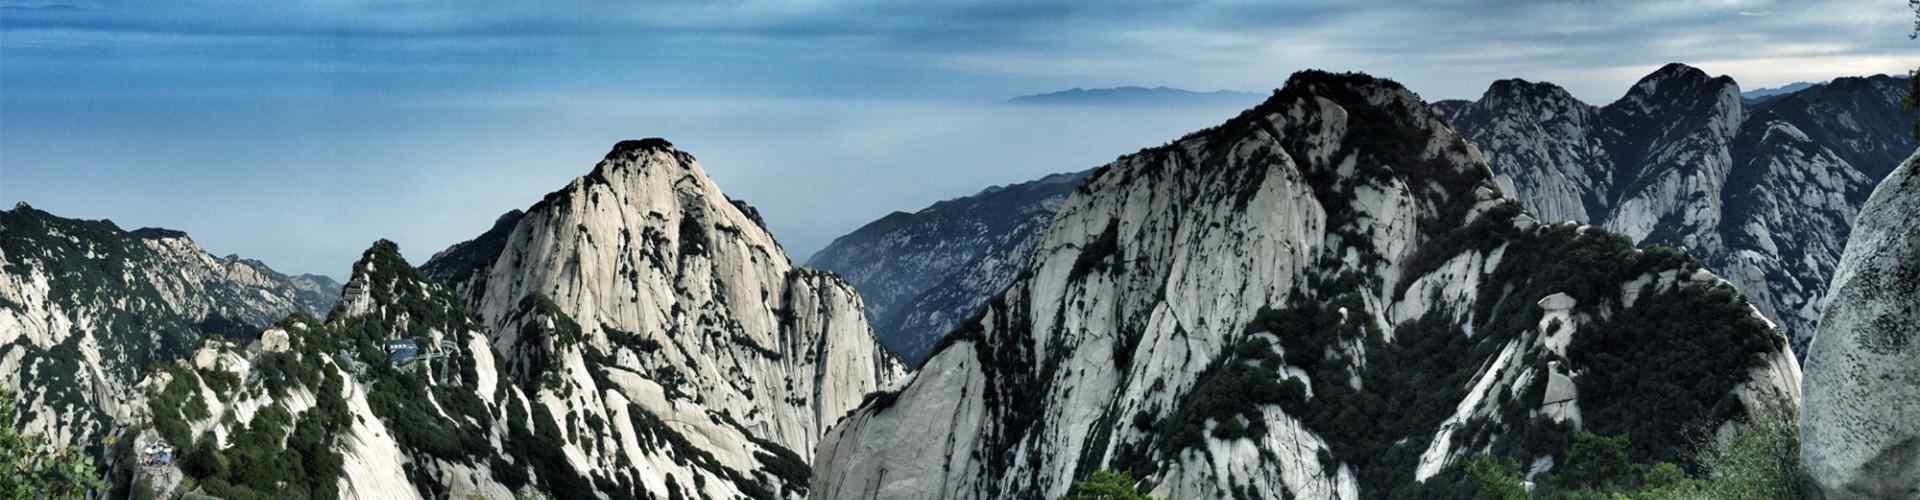 华山风景_华山风景图片_华山星空图片_山峰风景壁纸